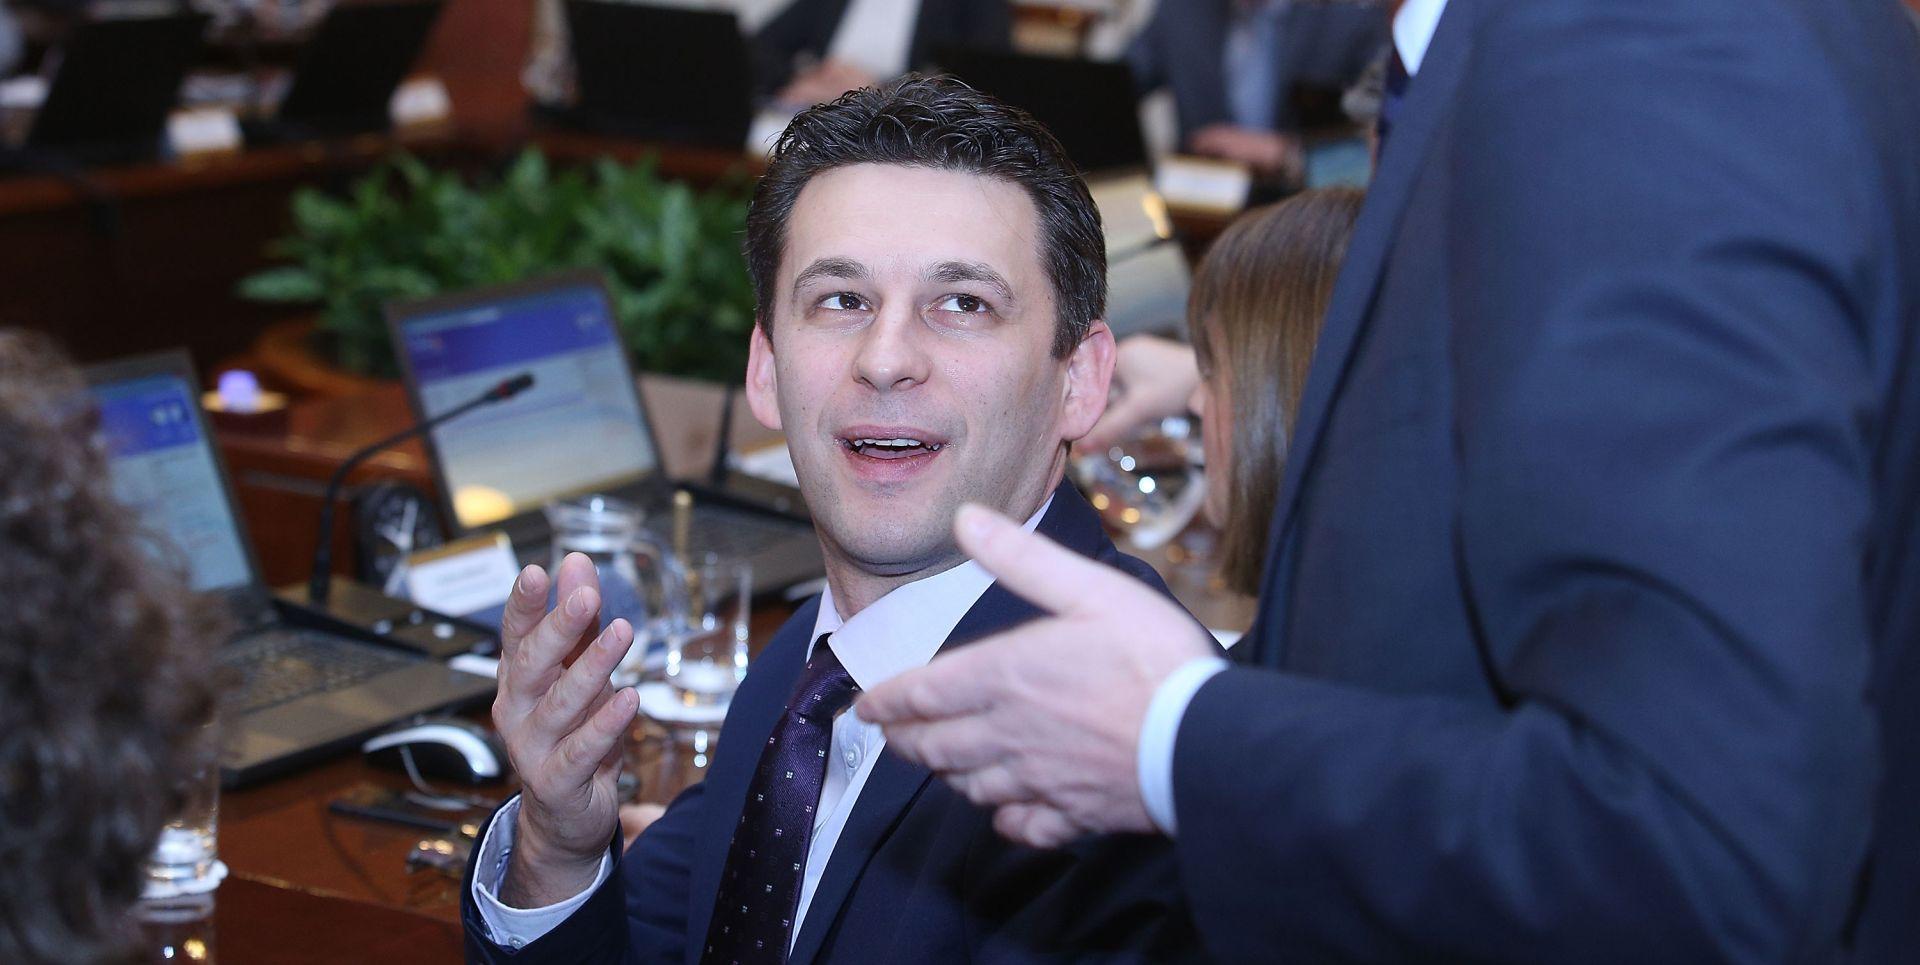 REAGIRALI I IZ UREDA PREDSJEDNICE: MOST 'Predsjednica nije pokazivala nikakve snimke Boži Petrovu'